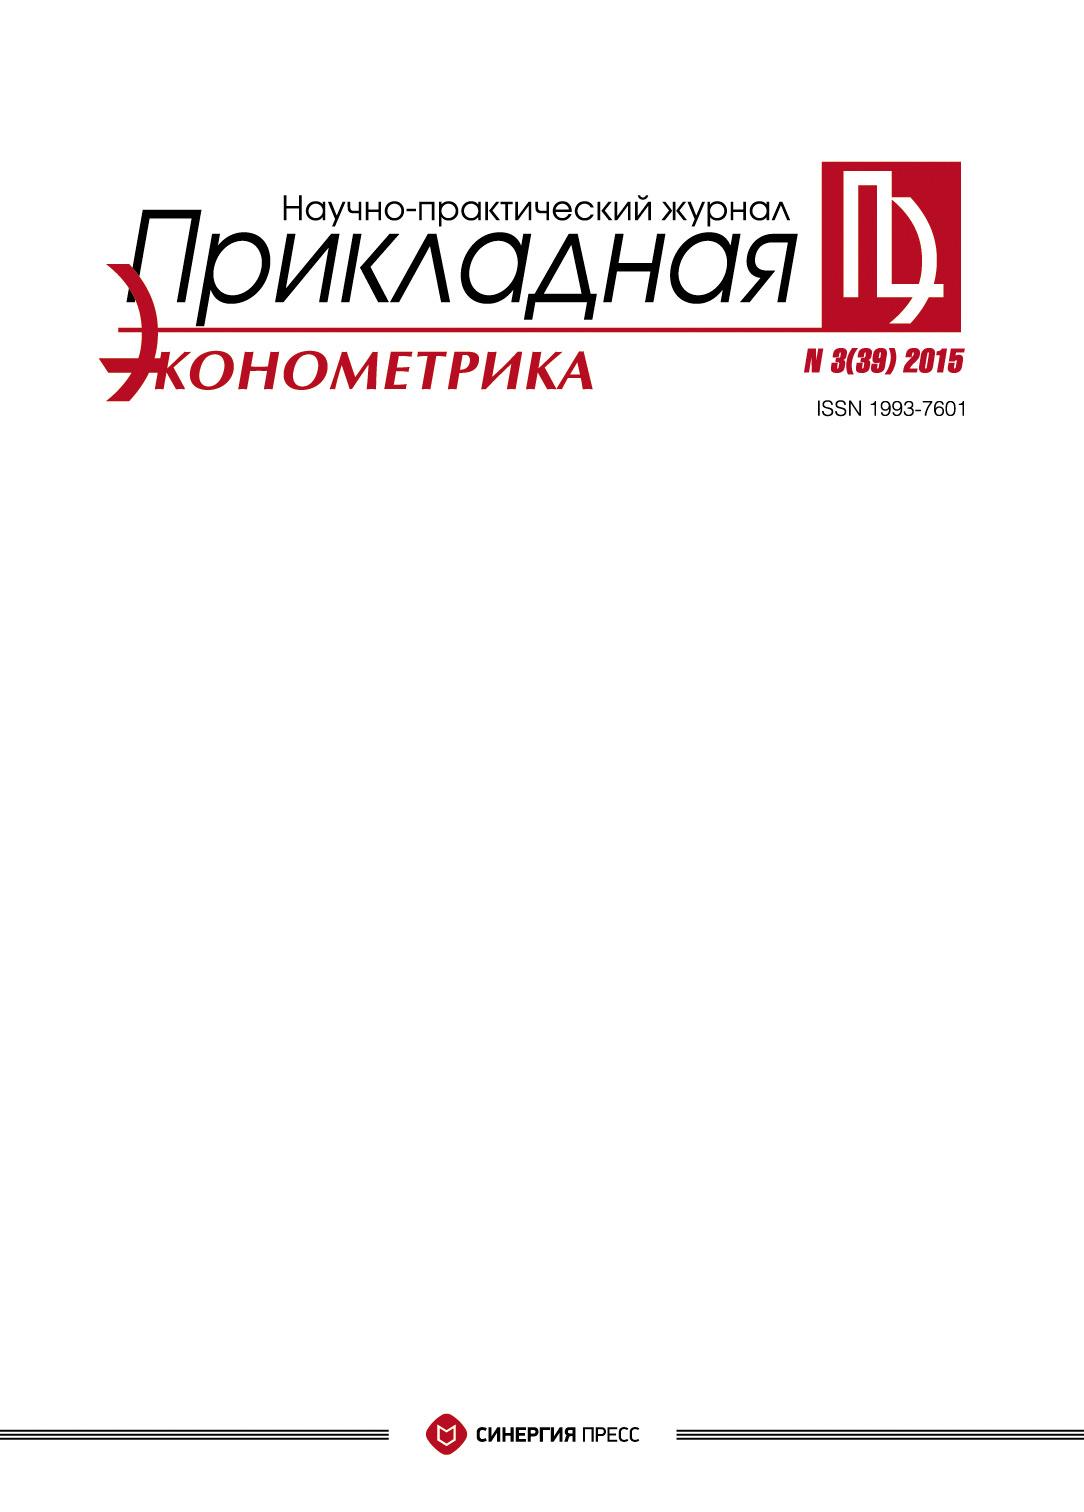 Отсутствует Прикладная эконометрика №3 (39) 2015 отсутствует прикладная эконометрика 3 39 2015